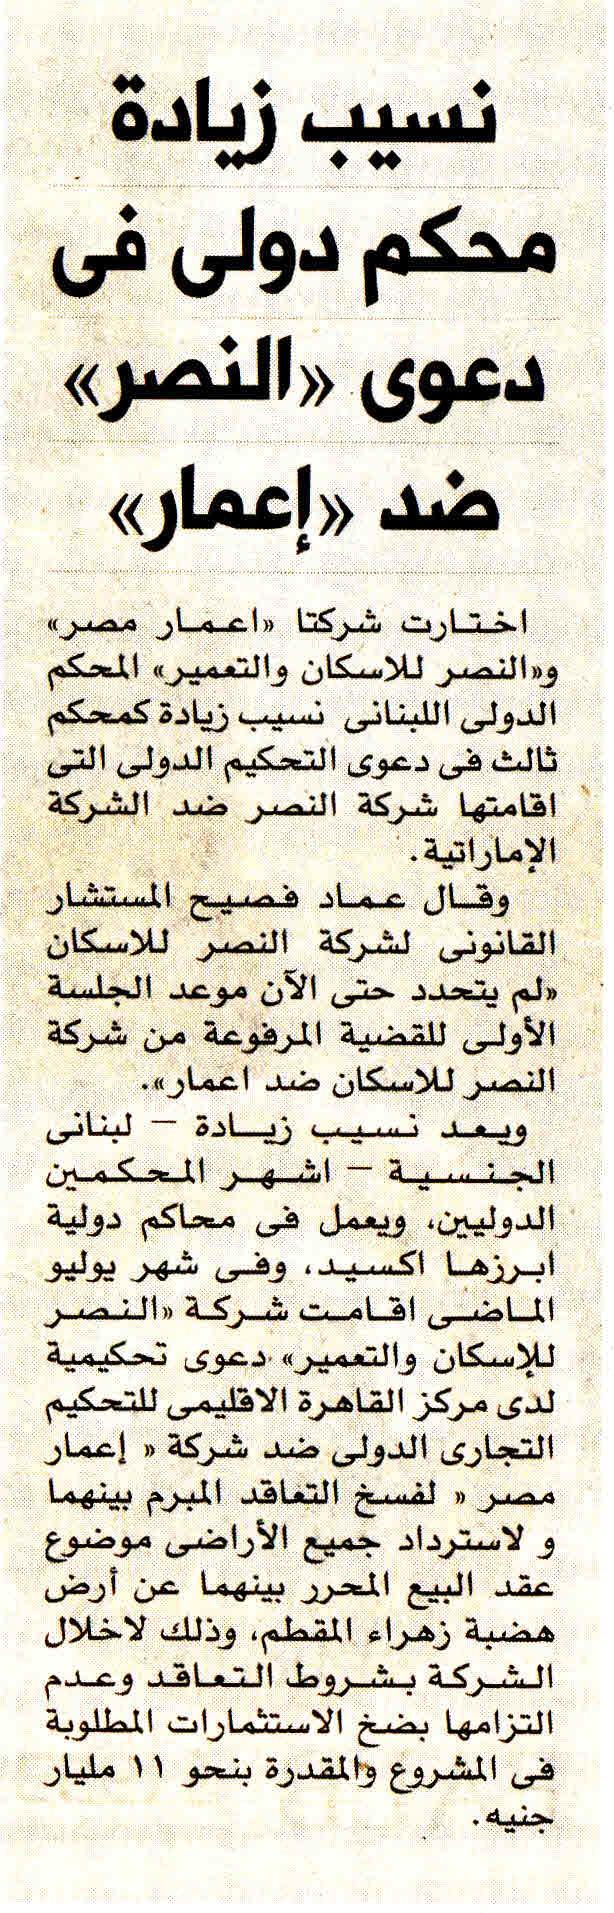 Al Shorouk (Sup) 3 Nov P.4 A